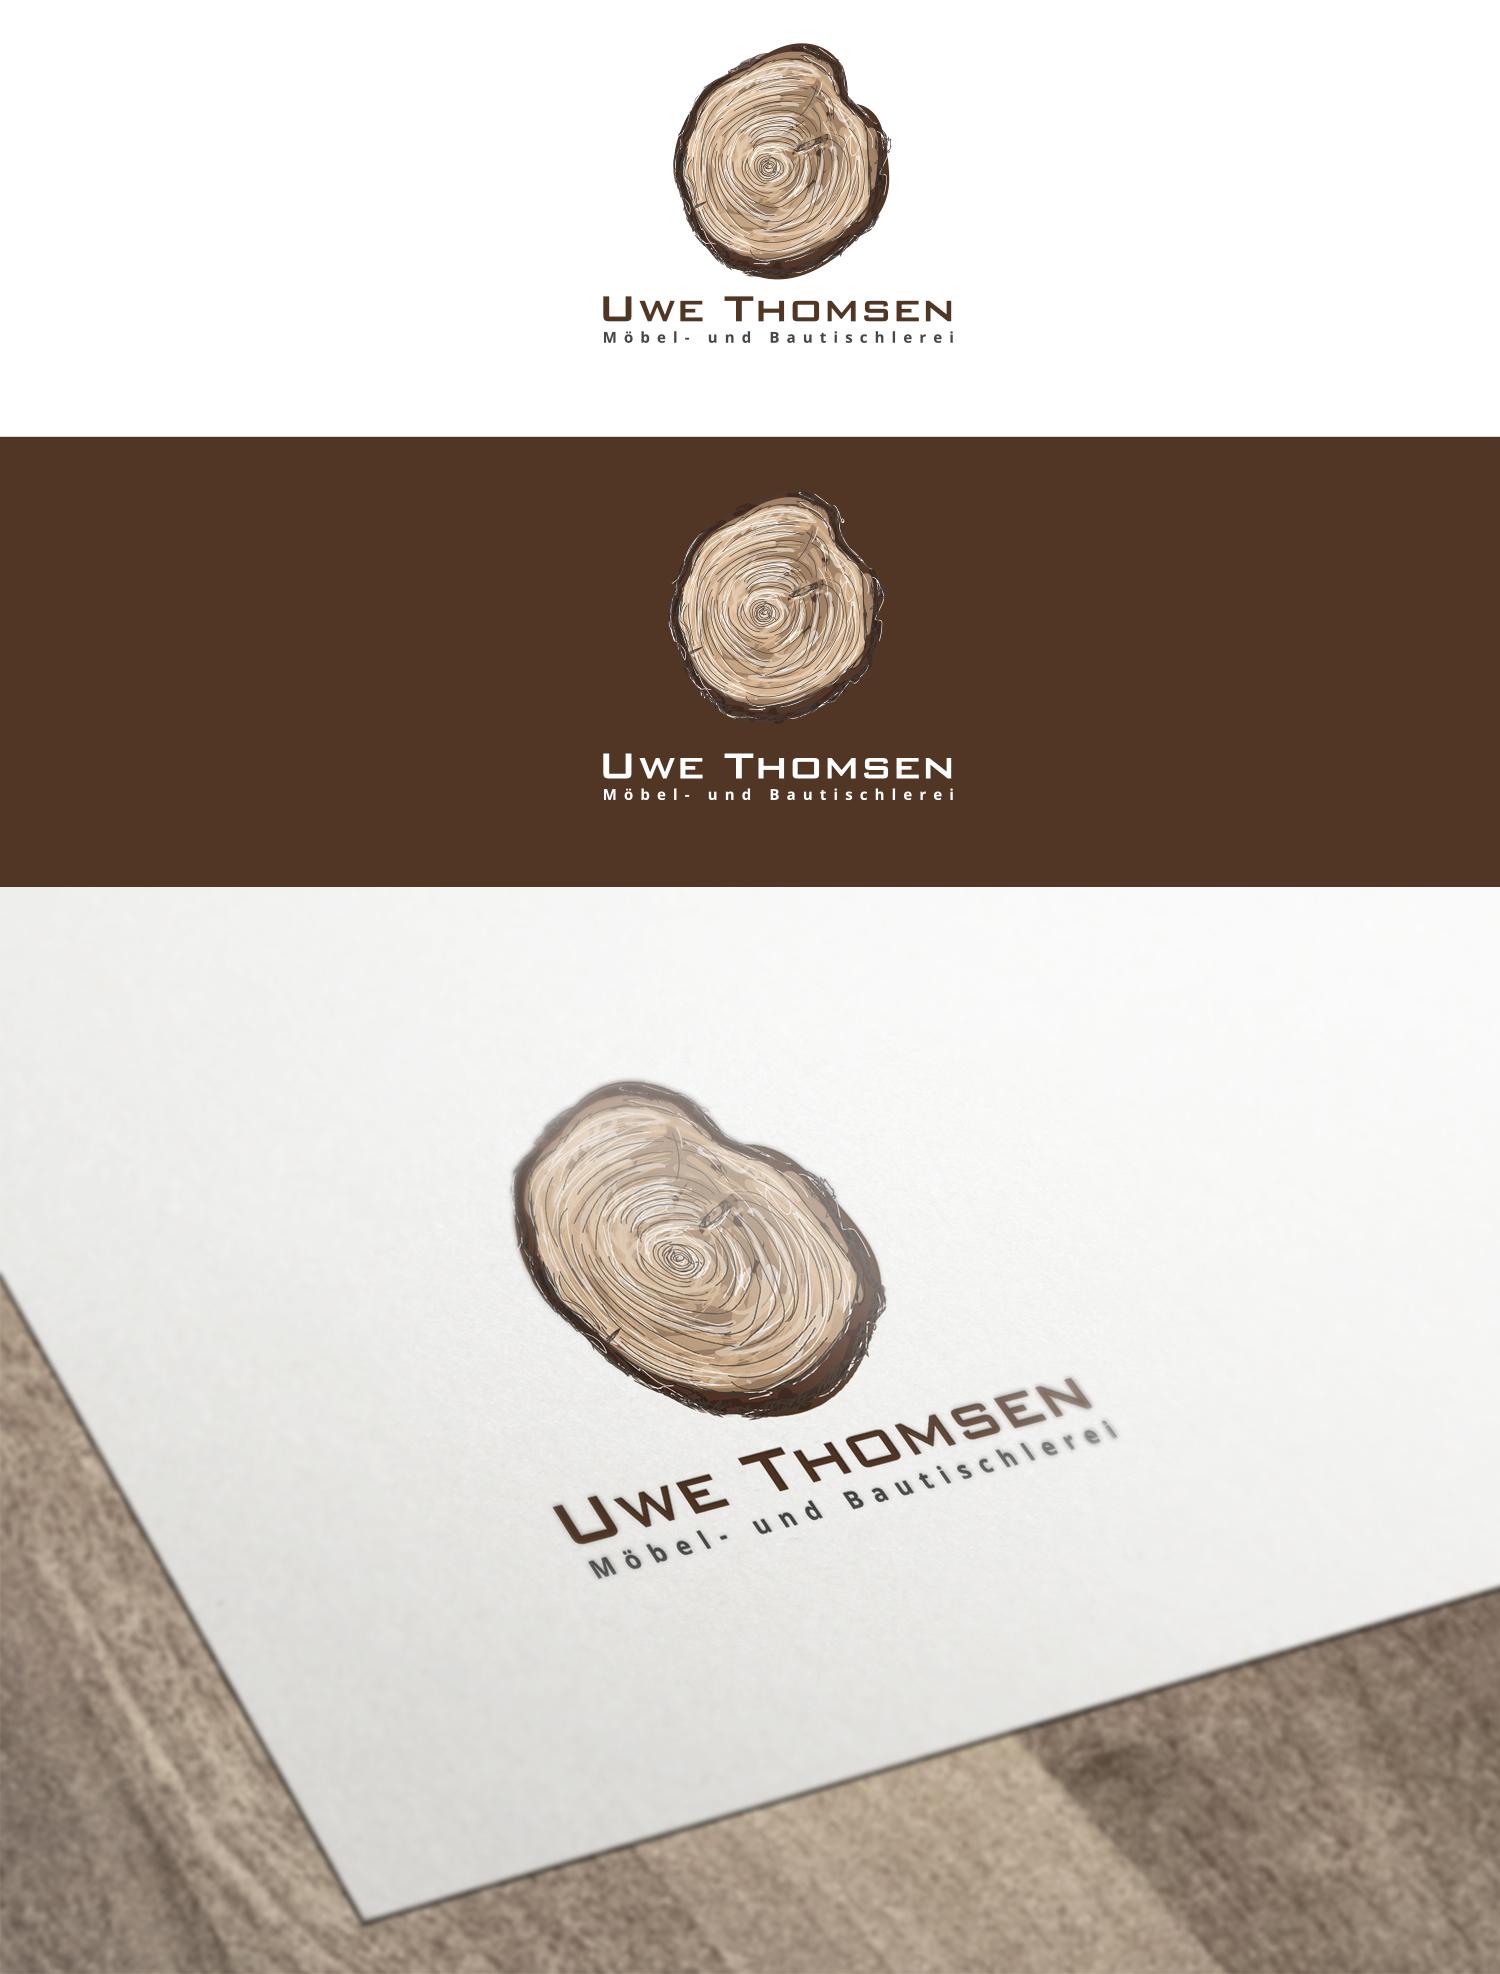 Tischlerei Uwe Thomsen Logo design designonclick